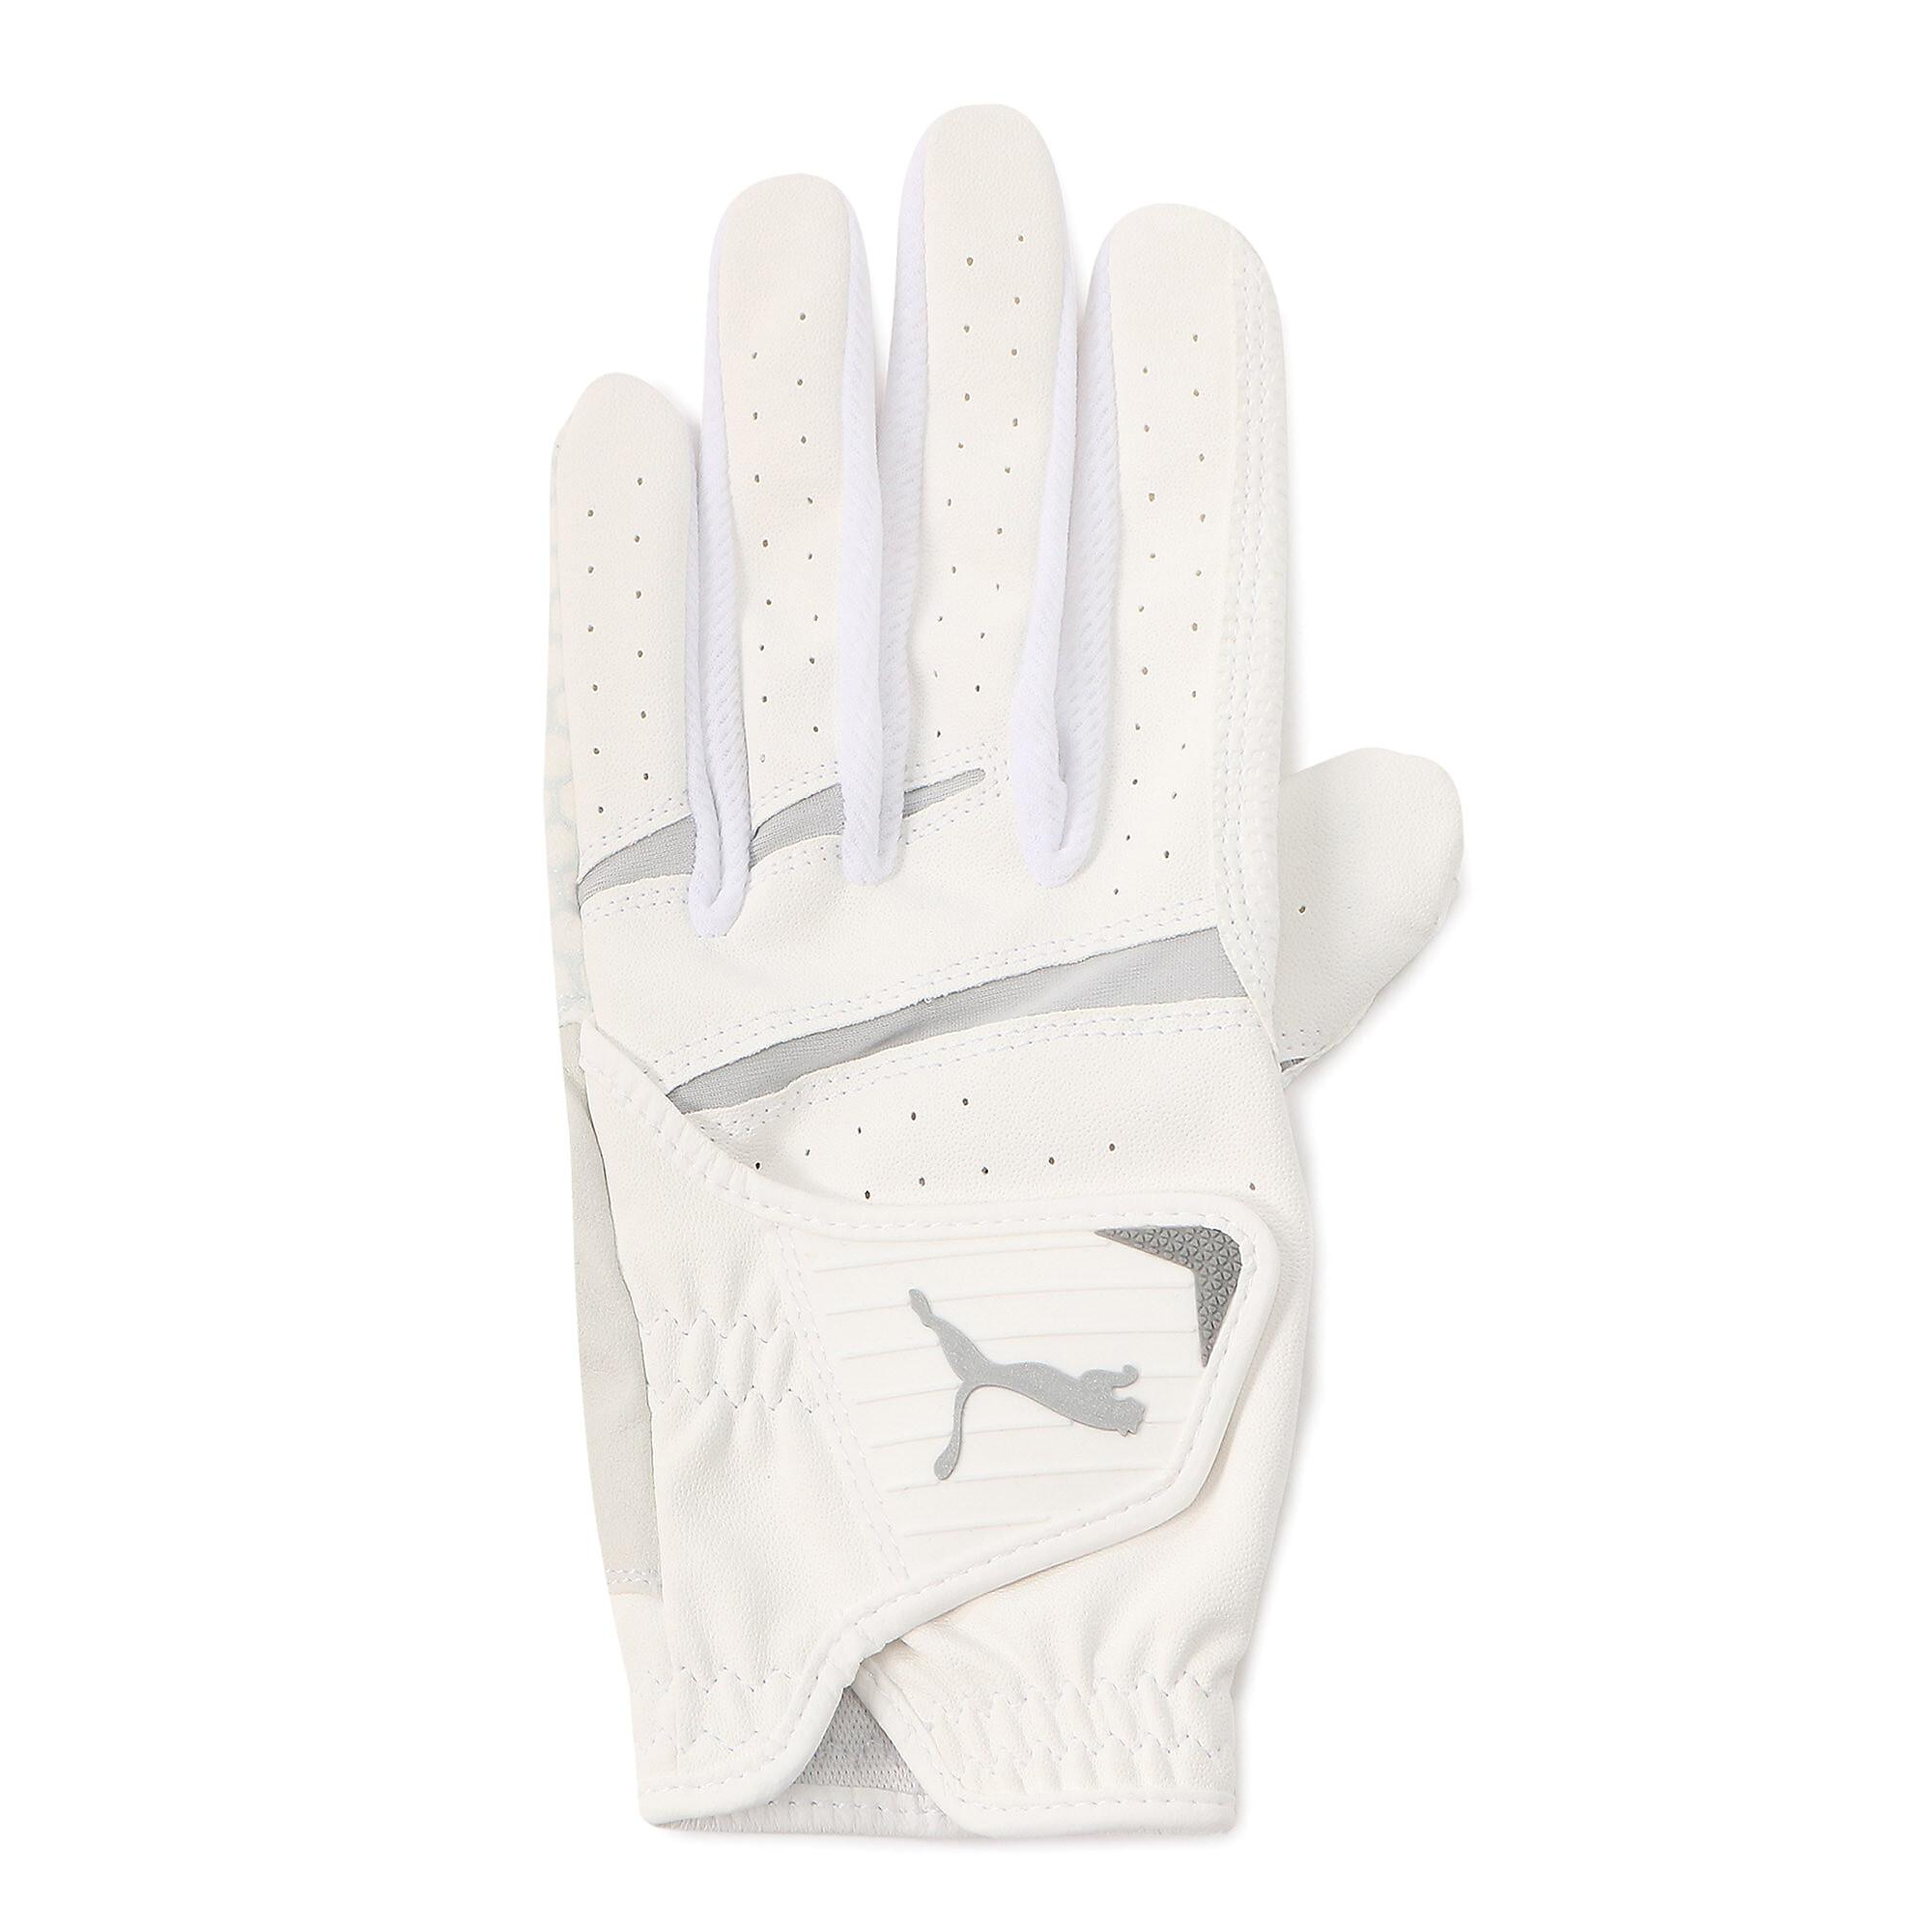 【プーマ公式通販】 プーマ ゴルフ HEXA グリップ グローブ 左手用 メンズ BRIGHT WHITE-HIGH RISE |PUMA.com